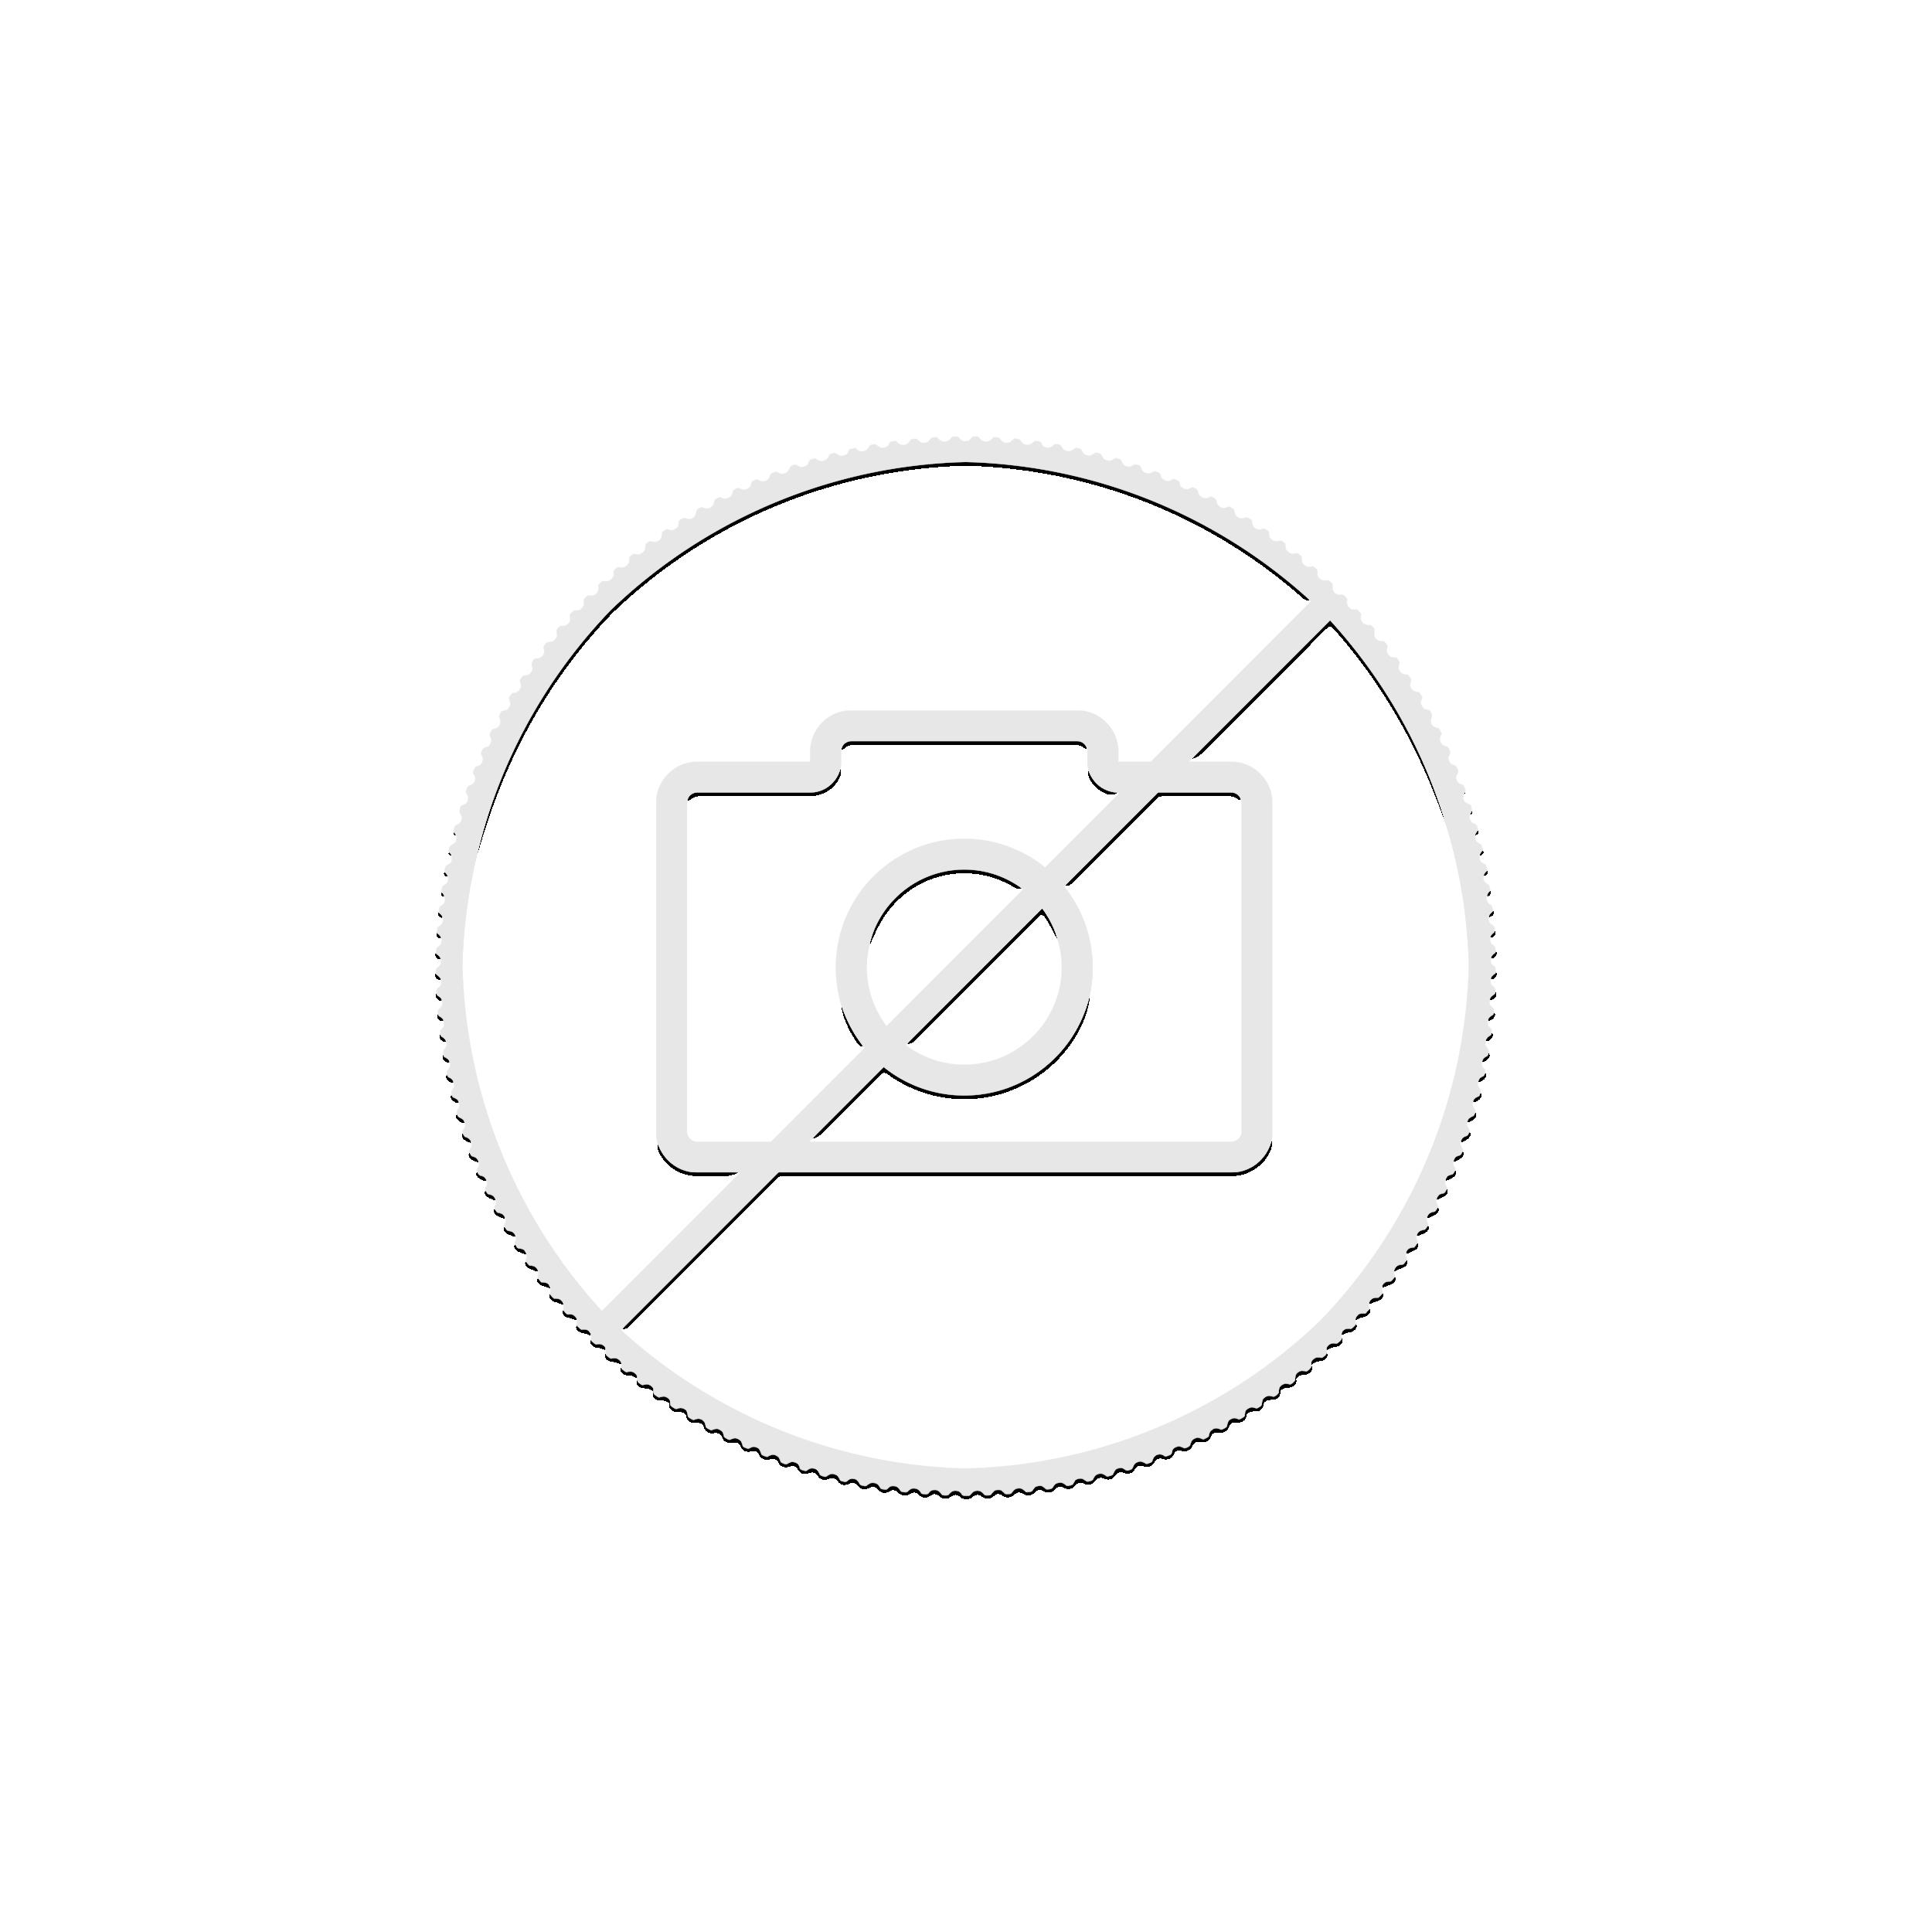 20-coin set silver Kookaburra coins